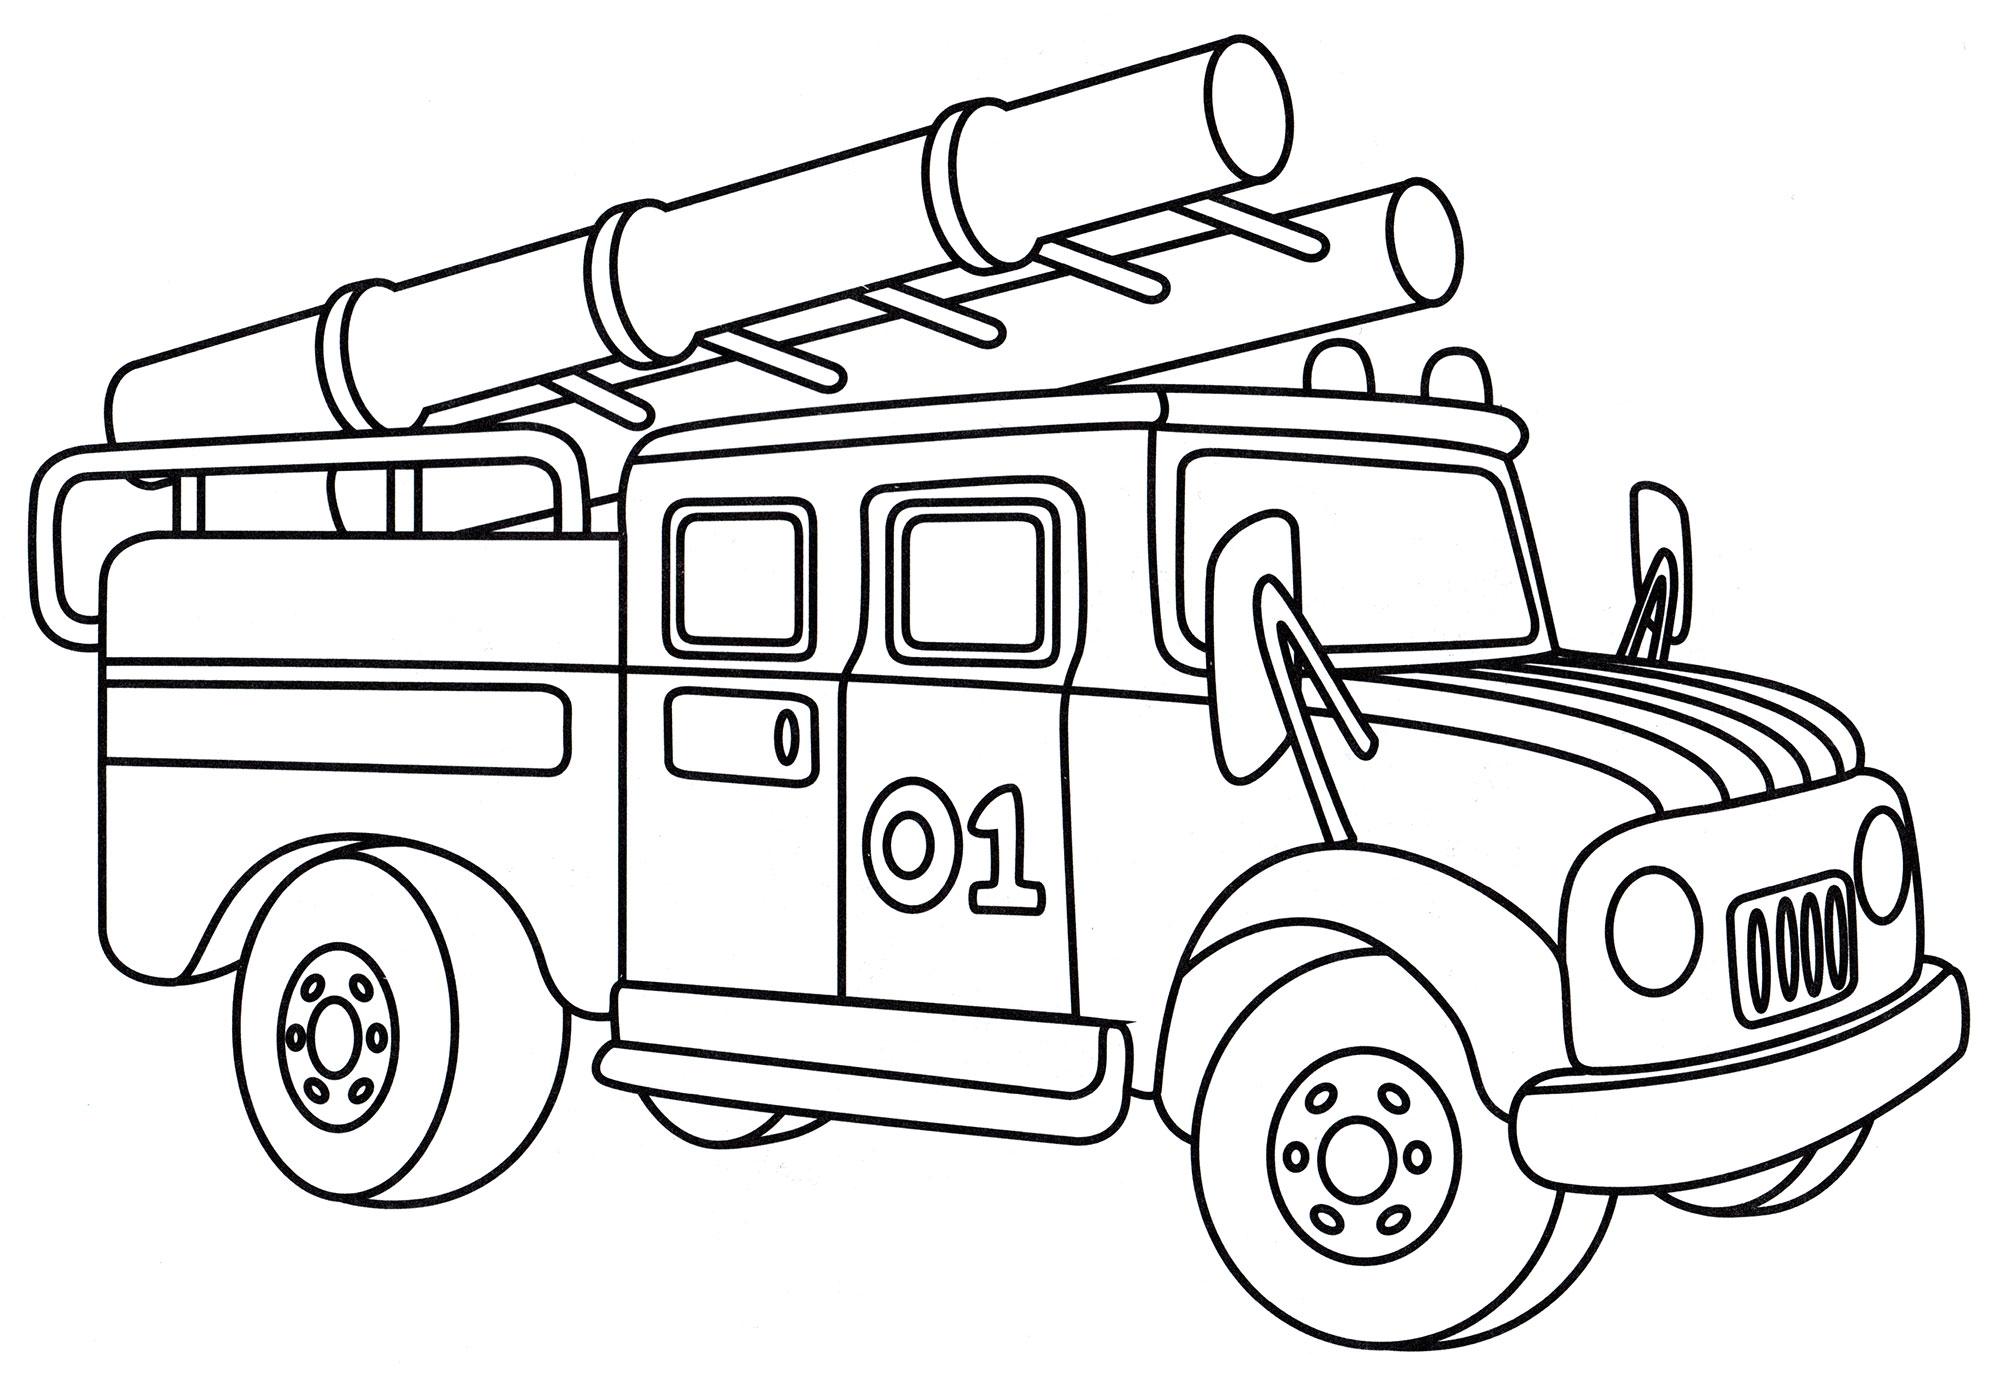 Раскраска Пожарная машина ЗИЛ - распечатать бесплатно